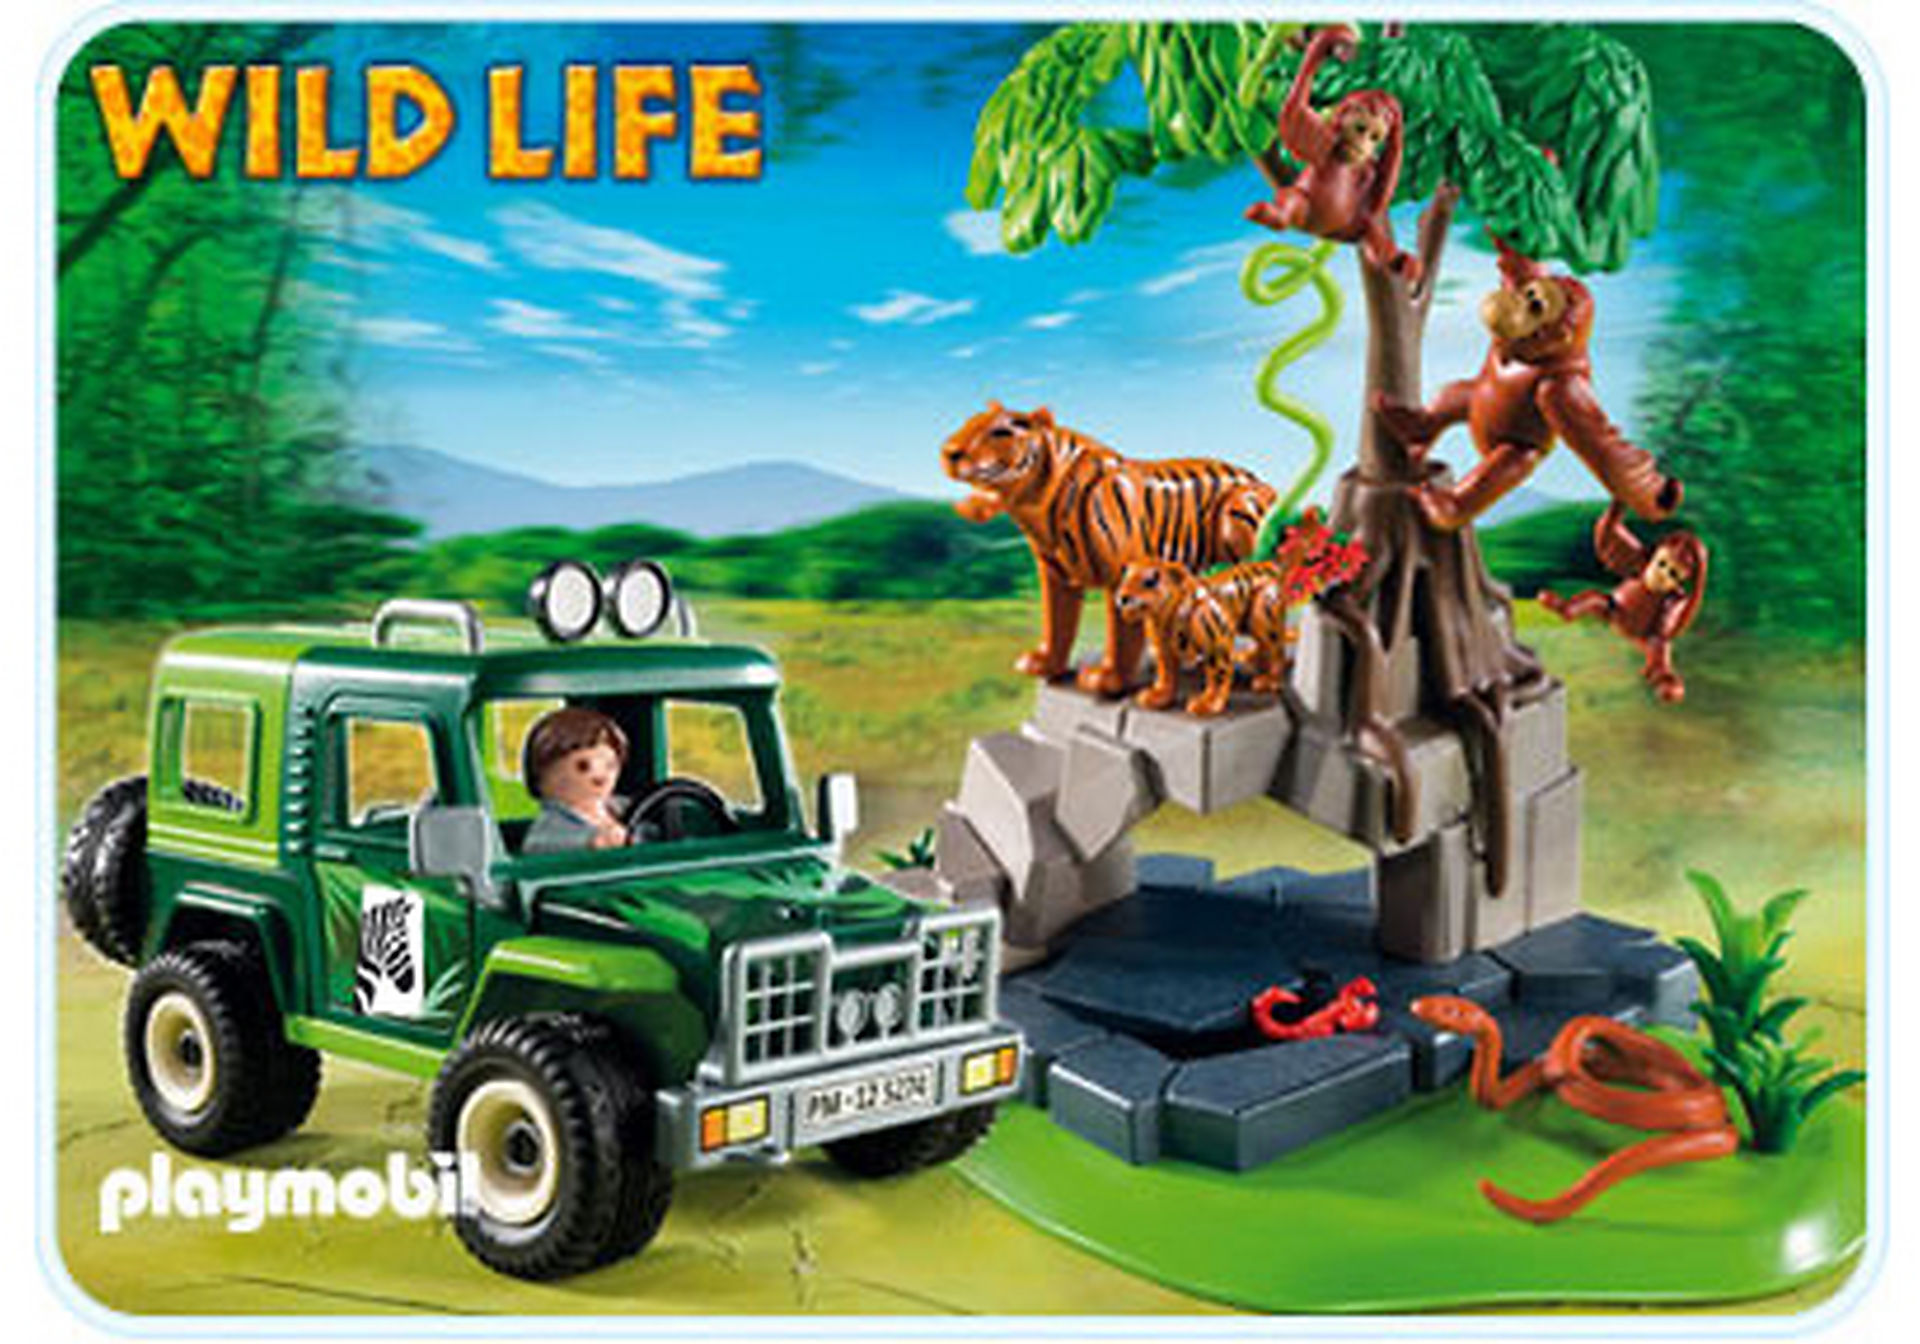 5416-A Geländewagen bei Tigern und Orang-Utans zoom image1